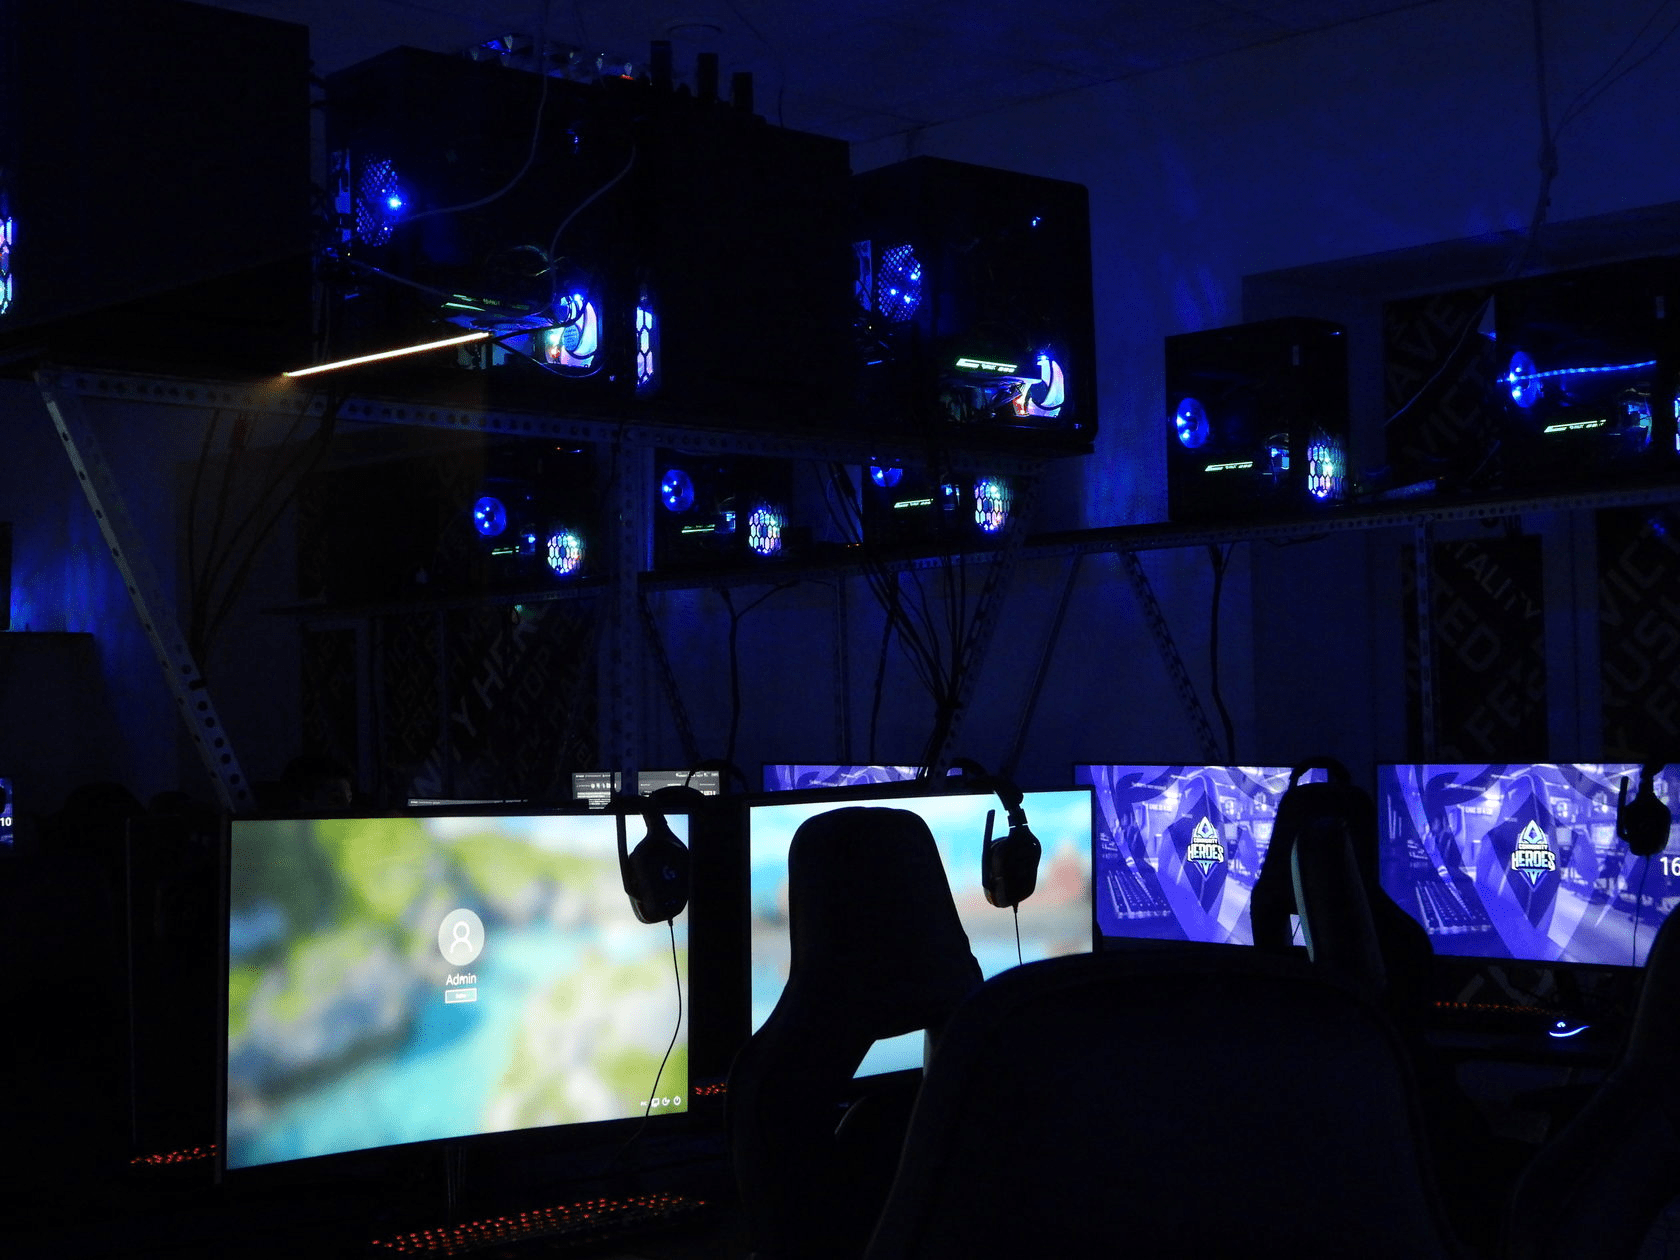 Залечь на дно с геймерами репортаж CQ из первого коливинга для геймеров в России